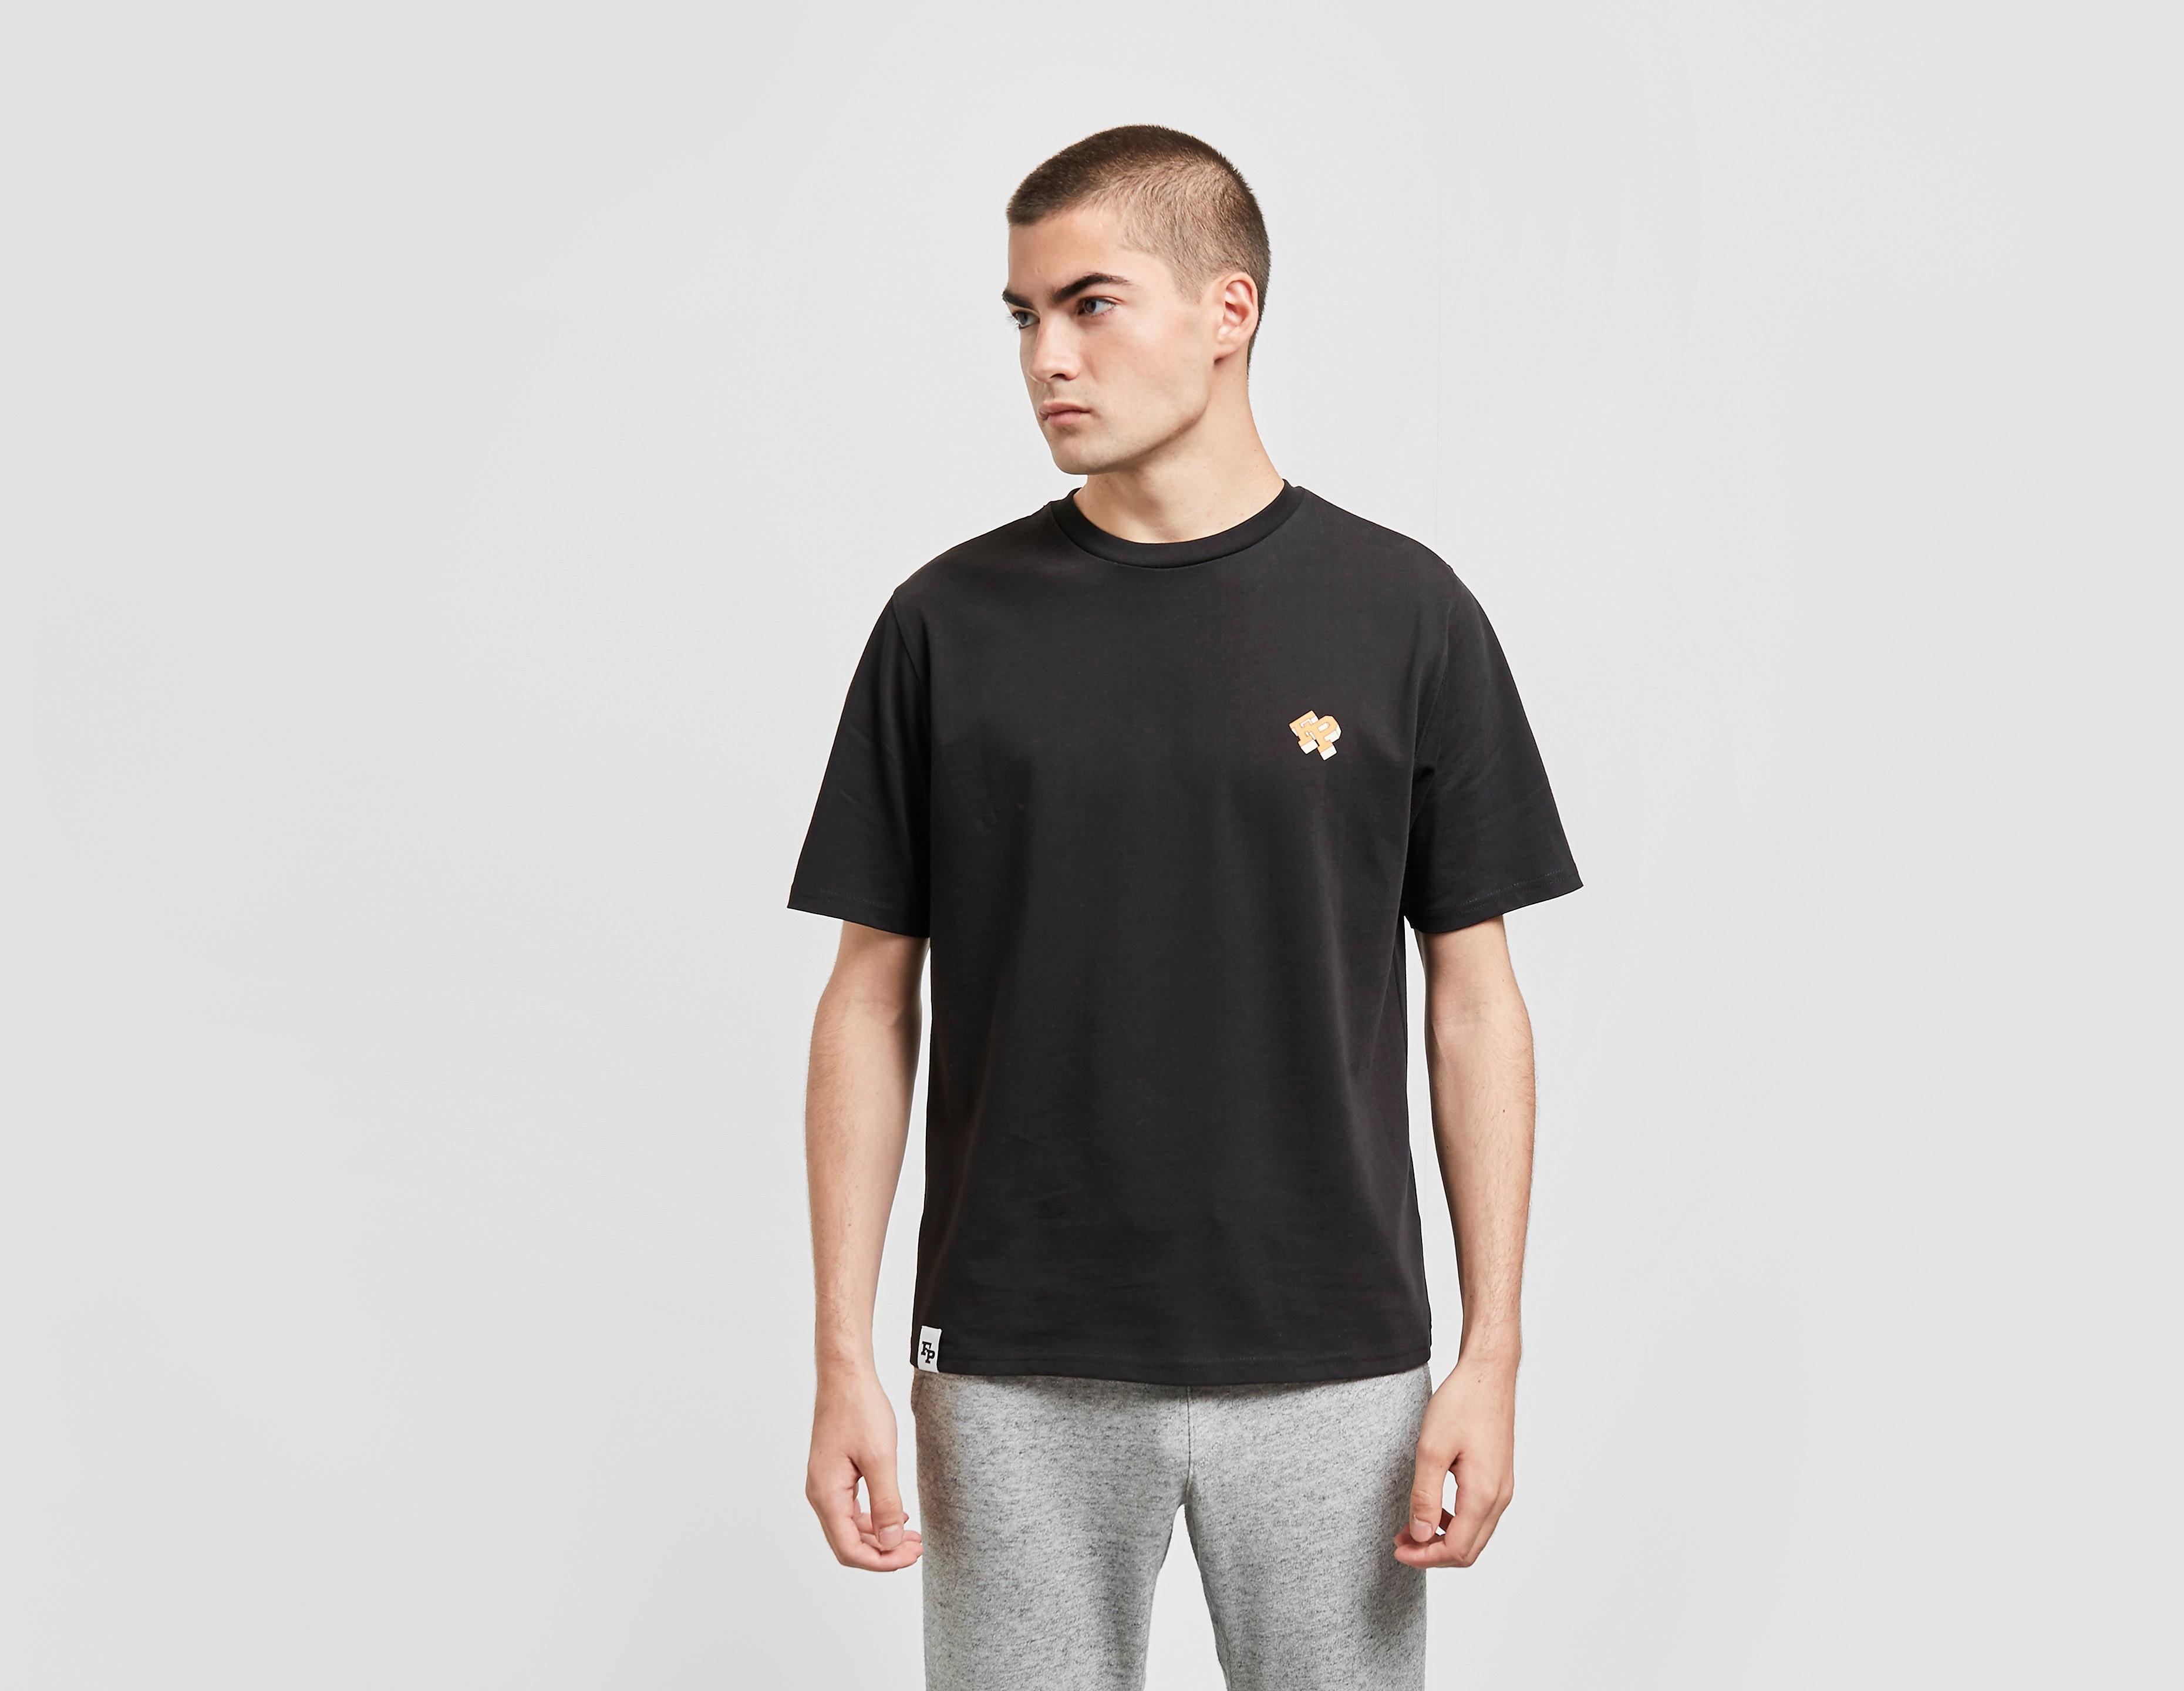 Footpatrol T-shirtCollegiate